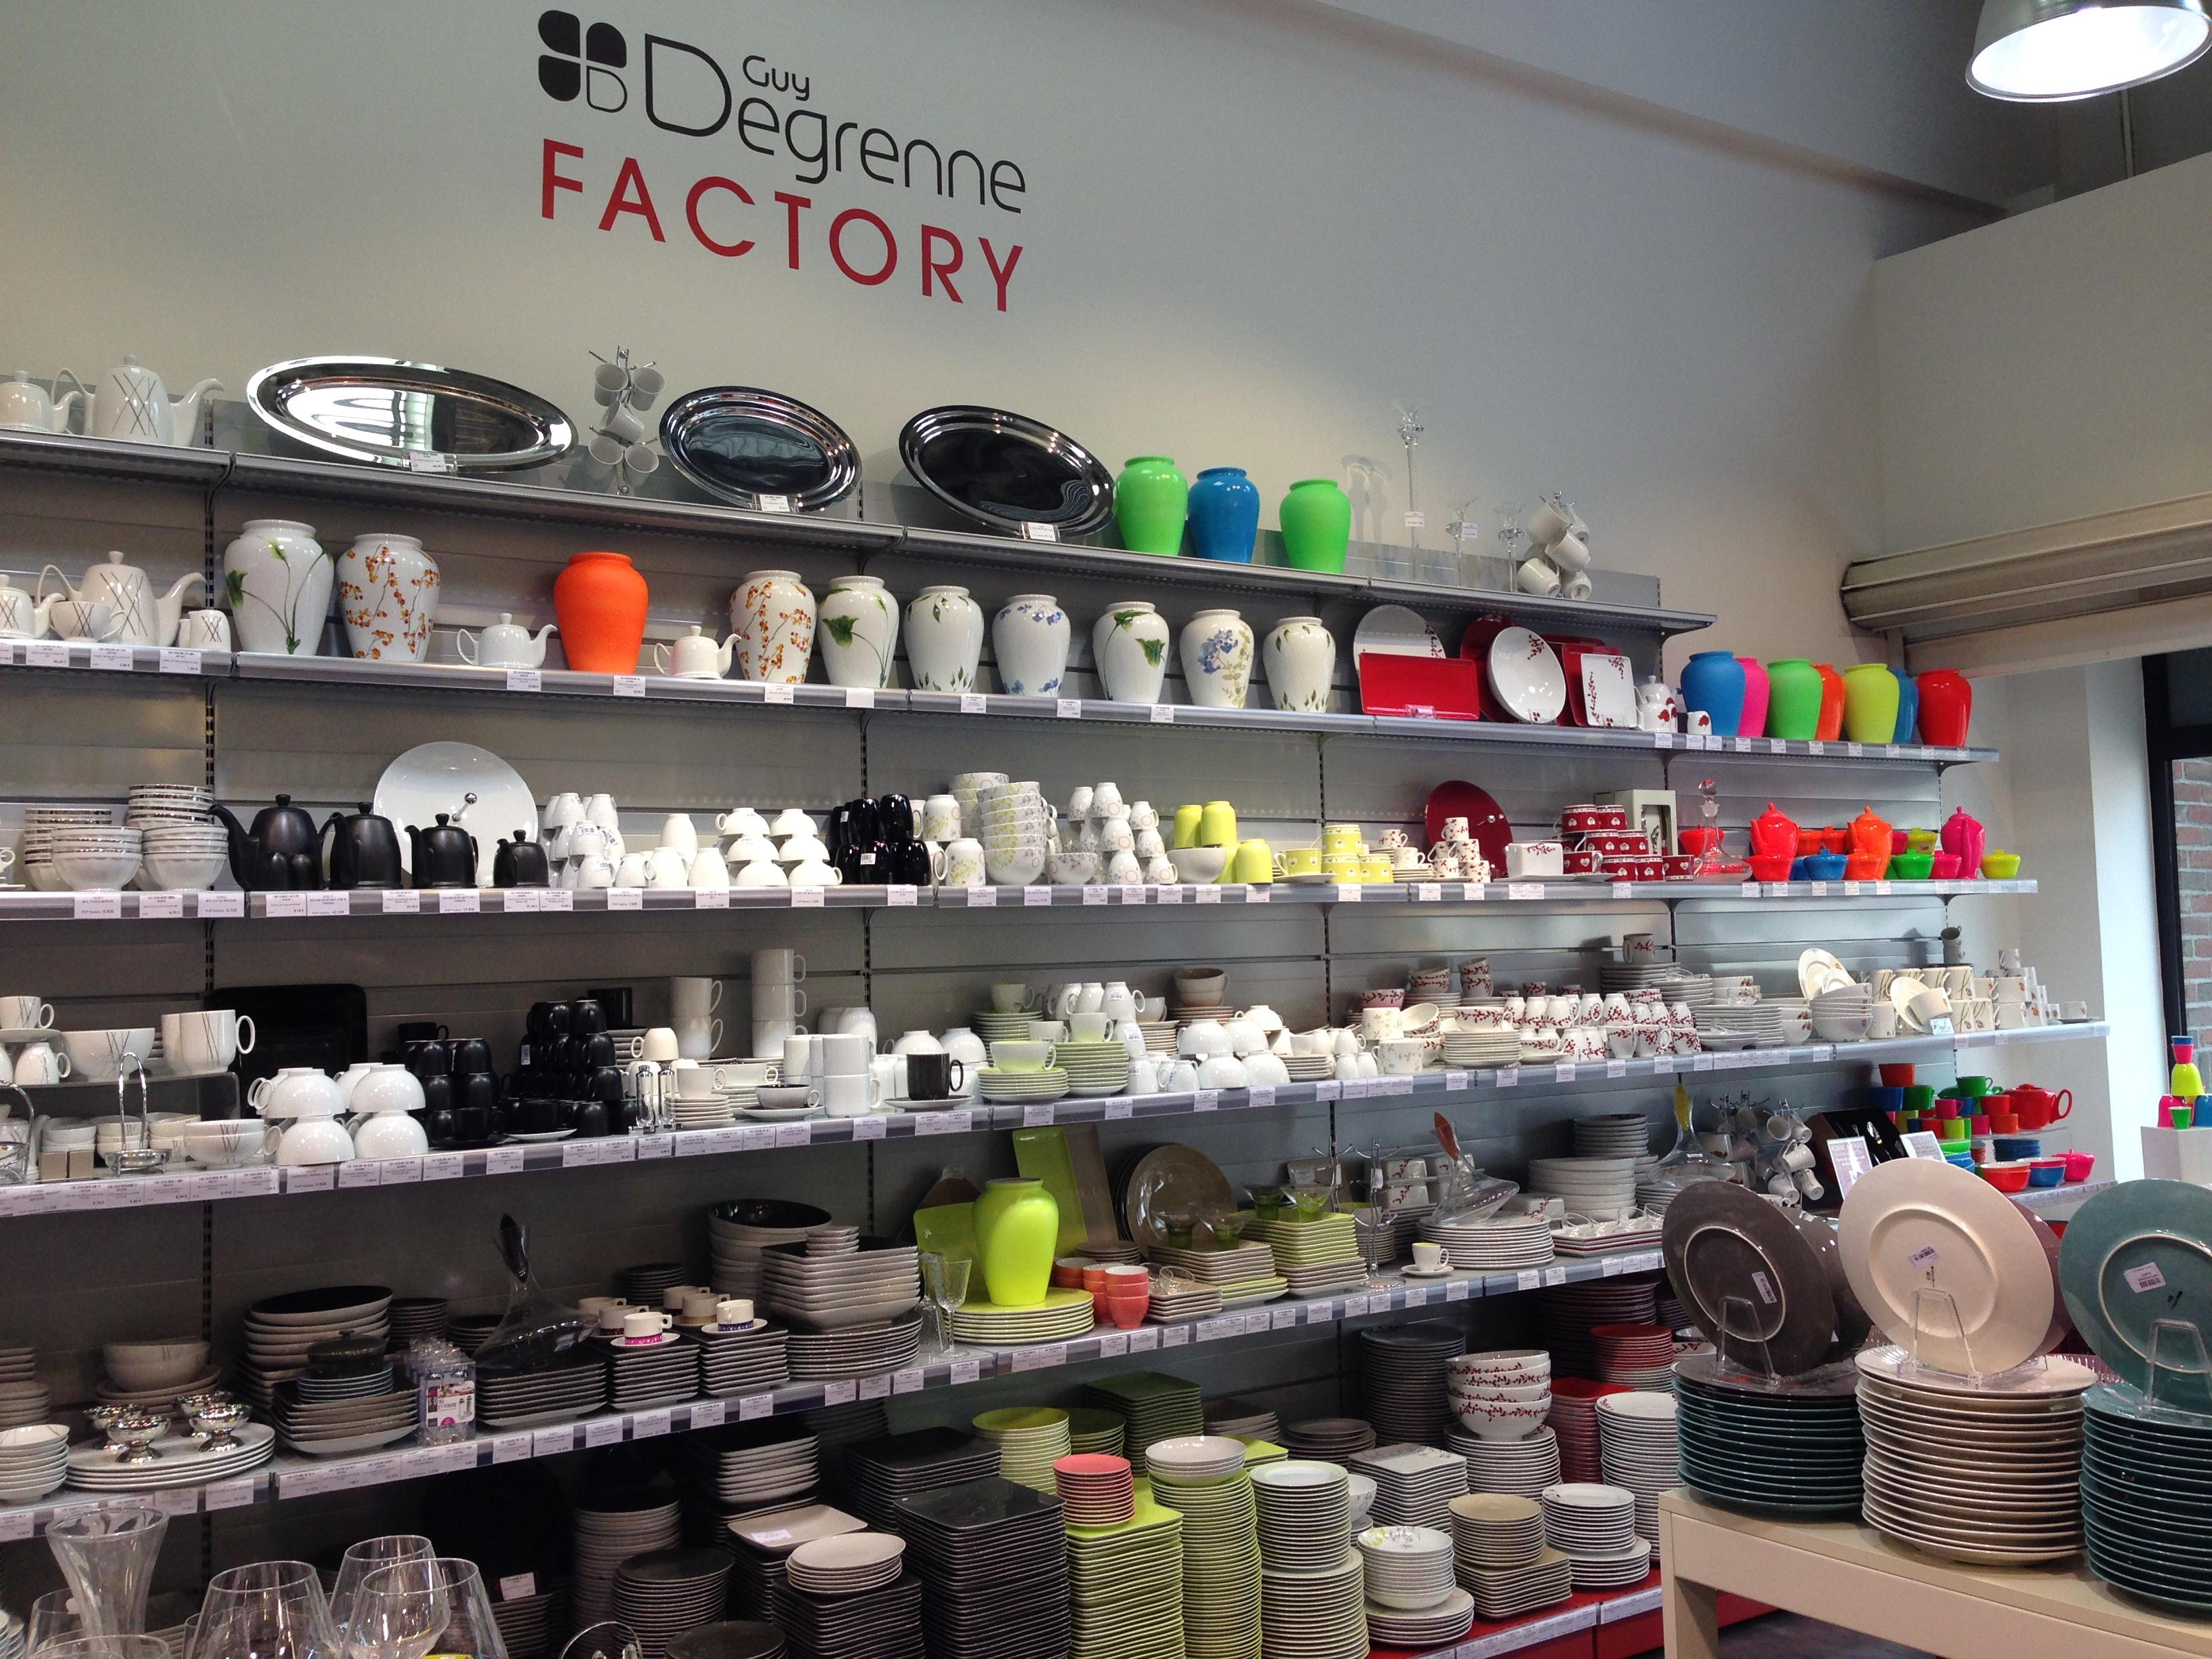 guy degrenne factory magasin d 39 usine. Black Bedroom Furniture Sets. Home Design Ideas